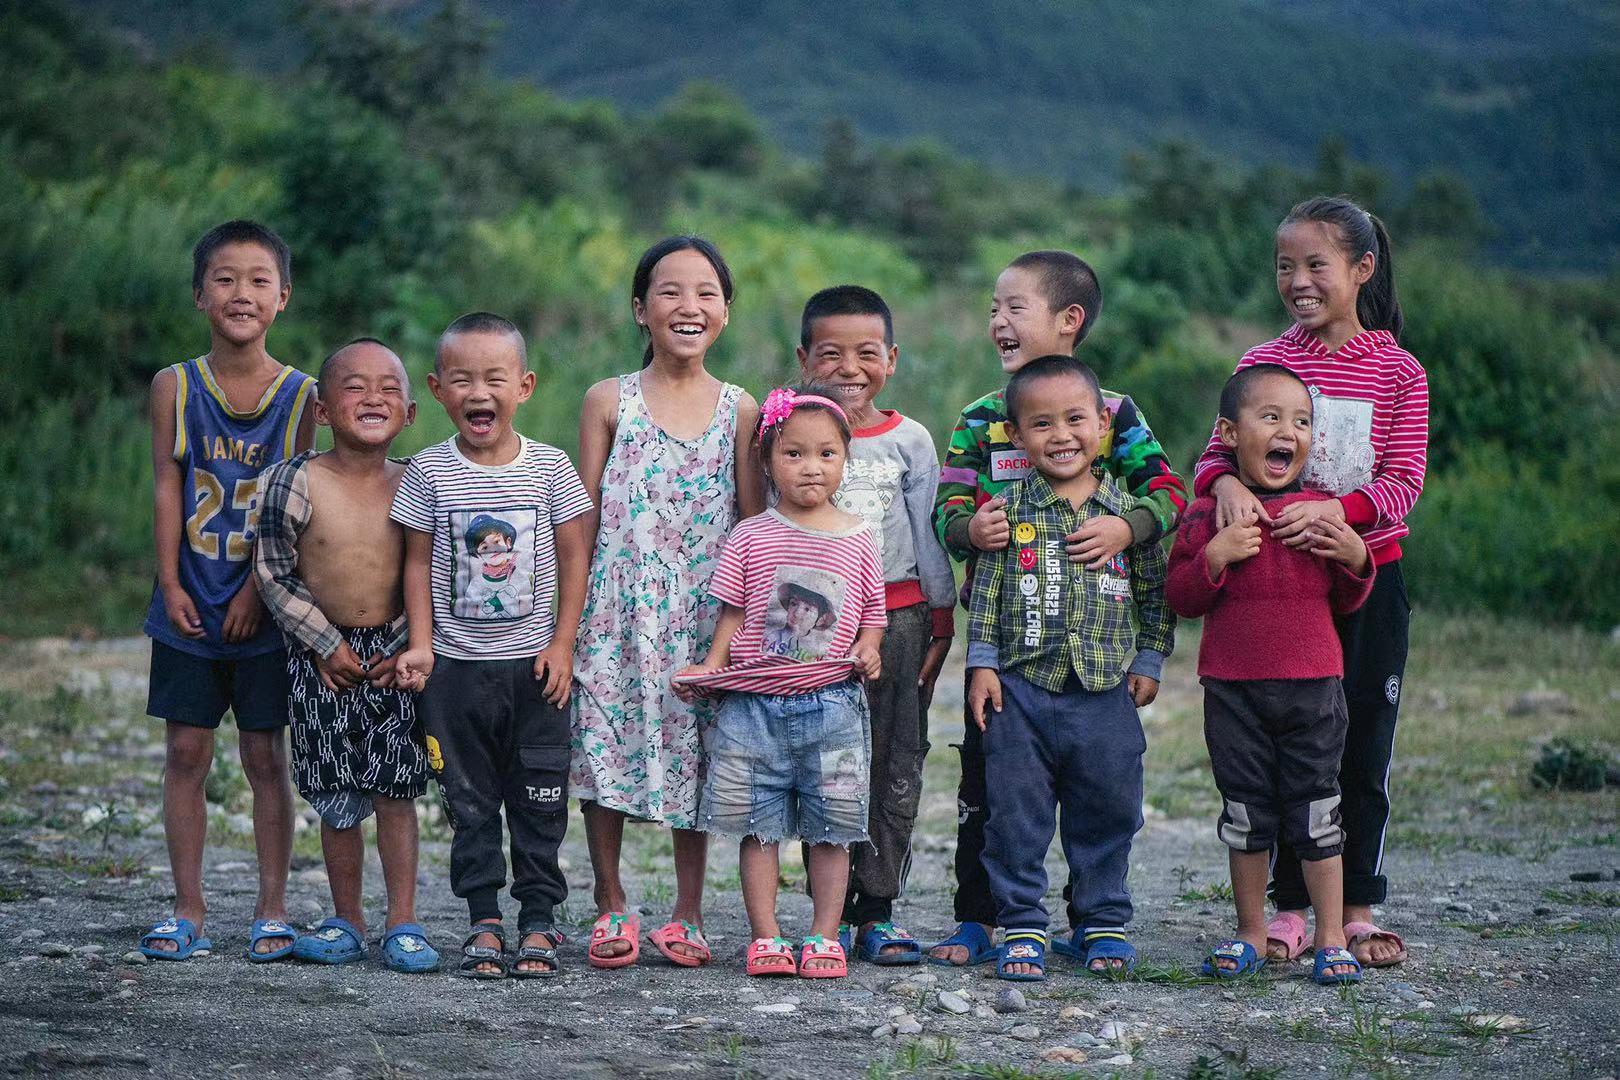 彝族孩子们童真可爱.jpg